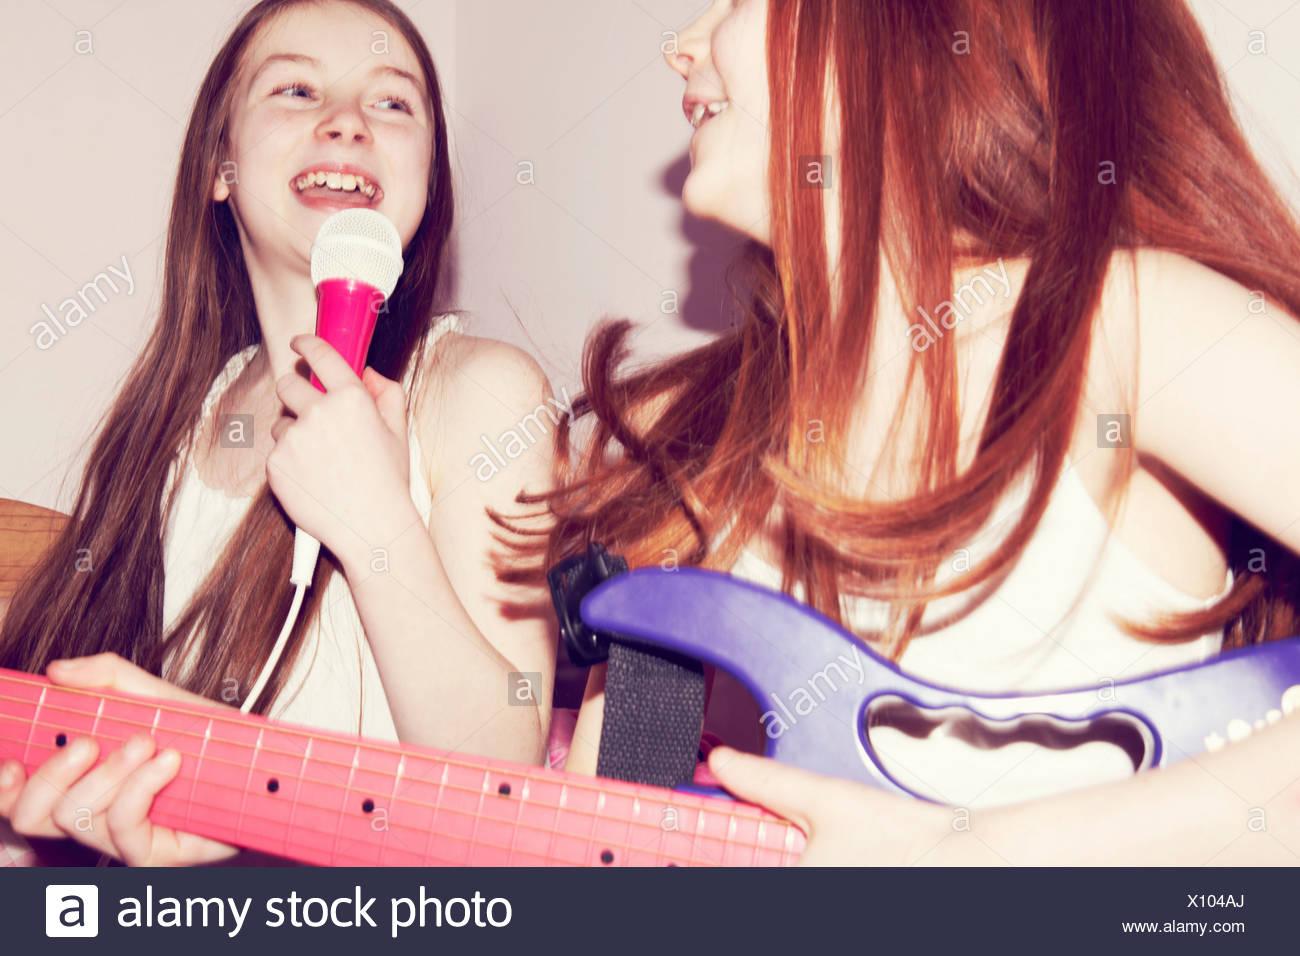 Dos niñas tocando la guitarra y cantando en el micrófono en el dormitorio Imagen De Stock